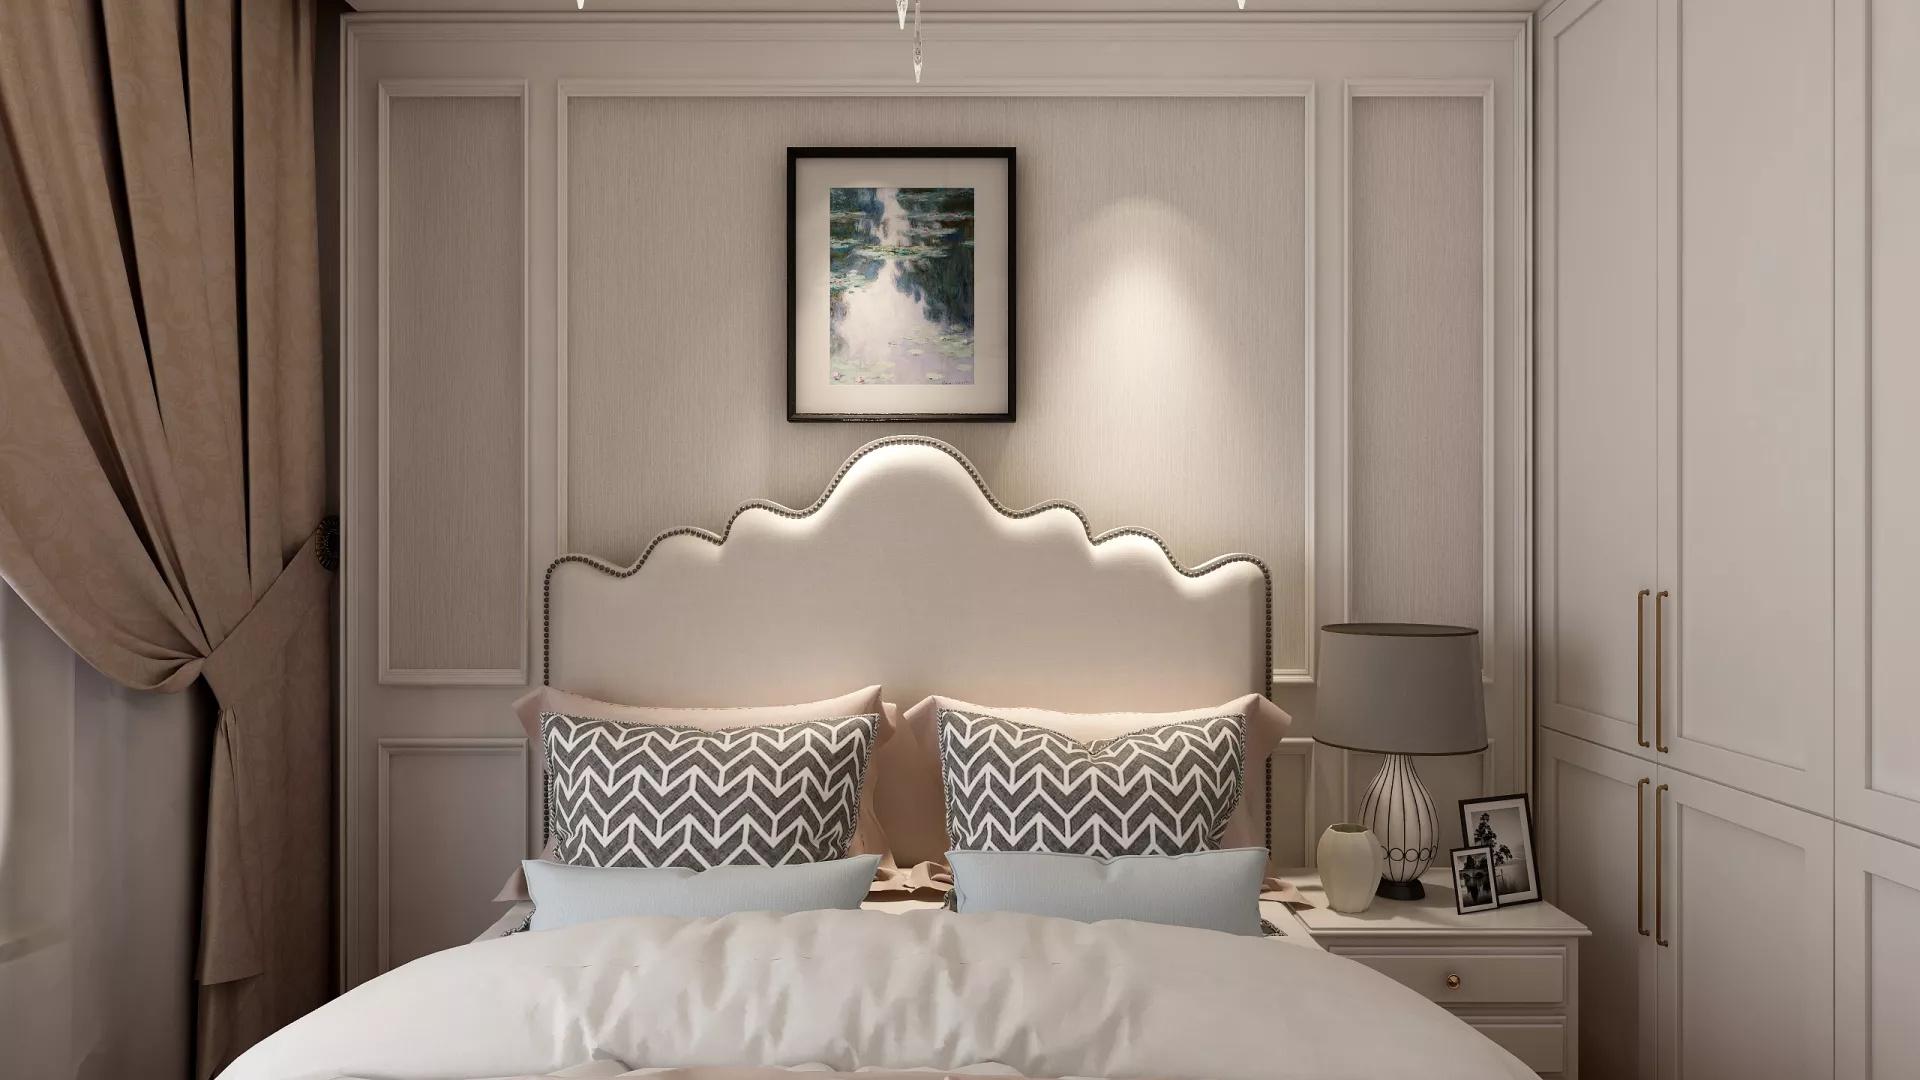 卧室的床怎么摆放风水好 房屋摆放风水禁忌